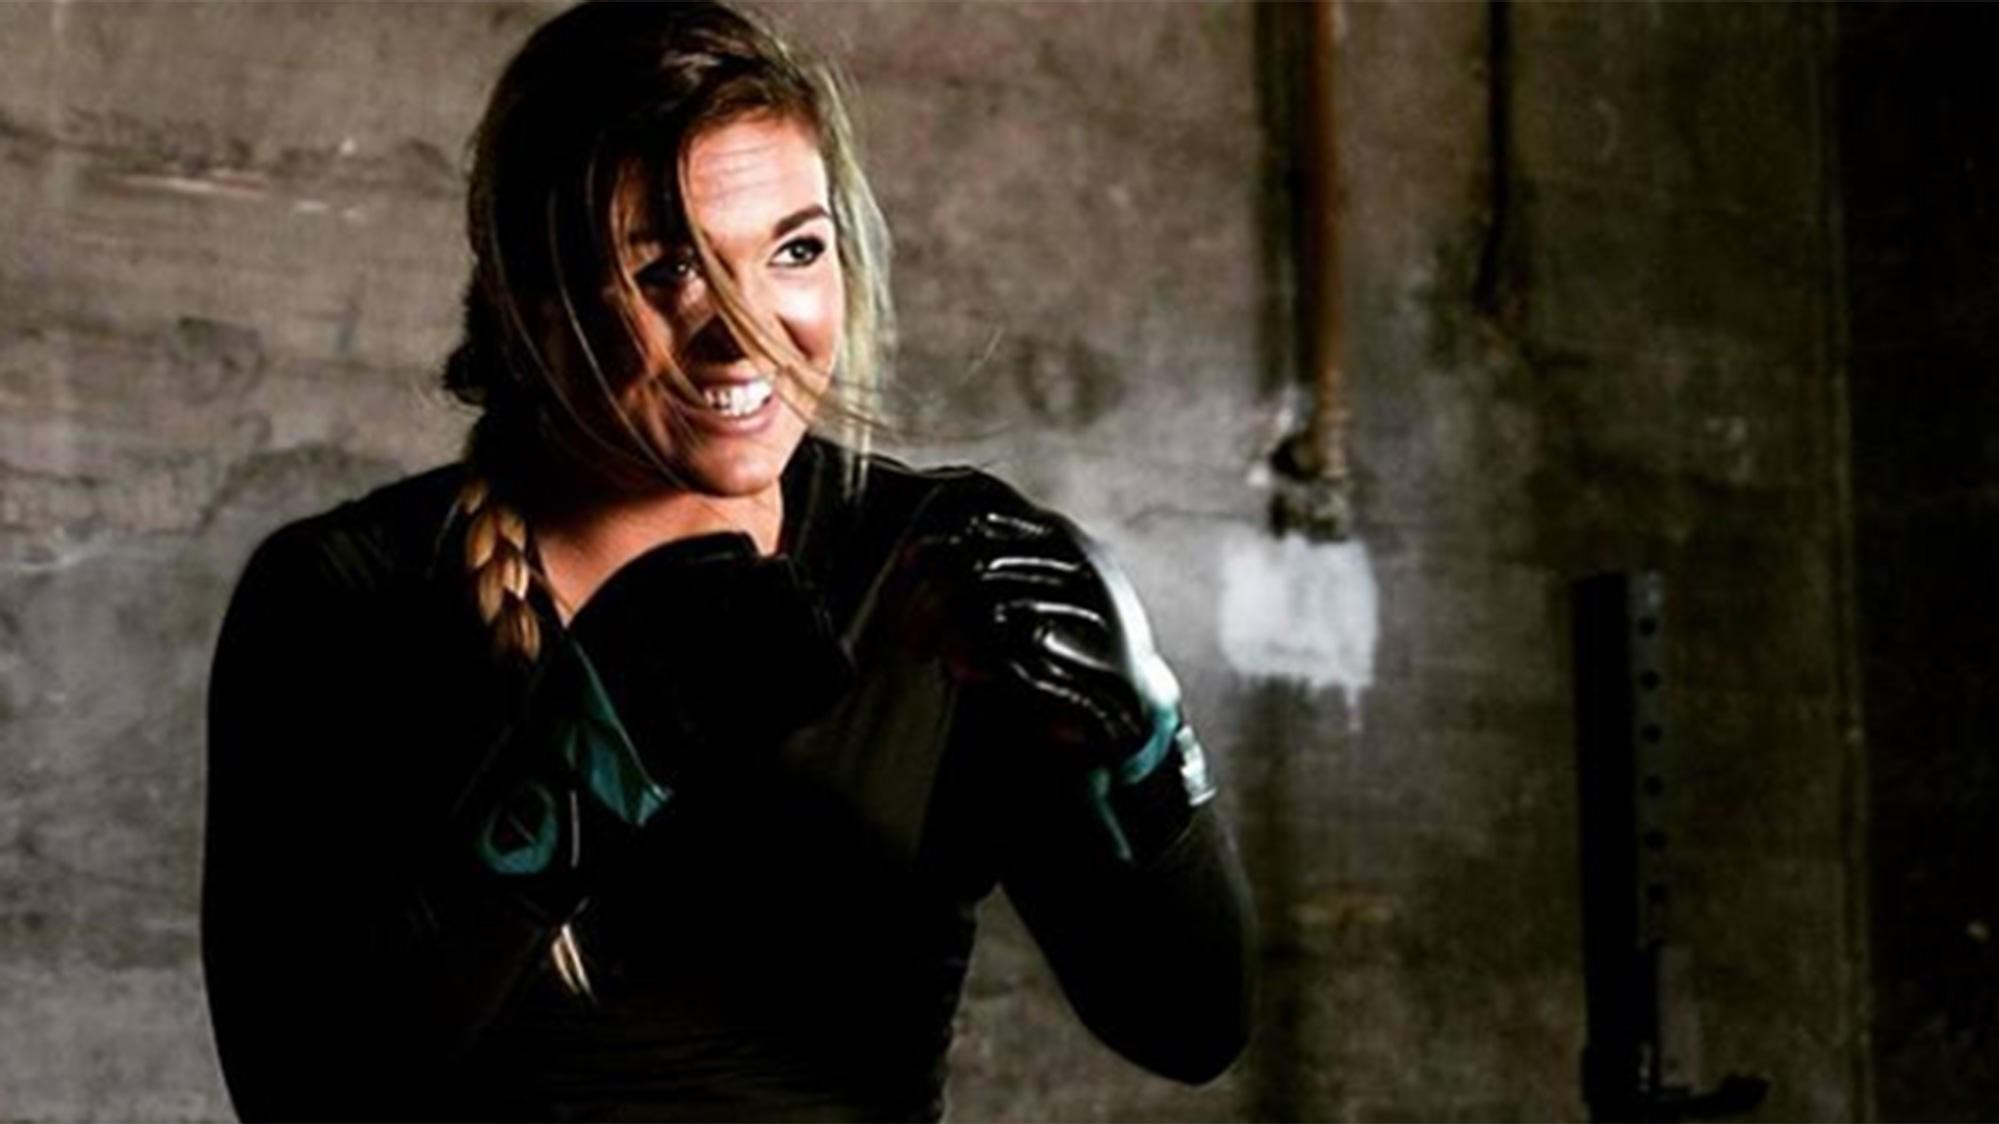 MMA-utøveren Anna Dempster har sagt seg villig til å gå en runde med et nettroll som mente kvinner var for svake og trege til å kunne slåss med menn - selv om de var trent i kampsport.